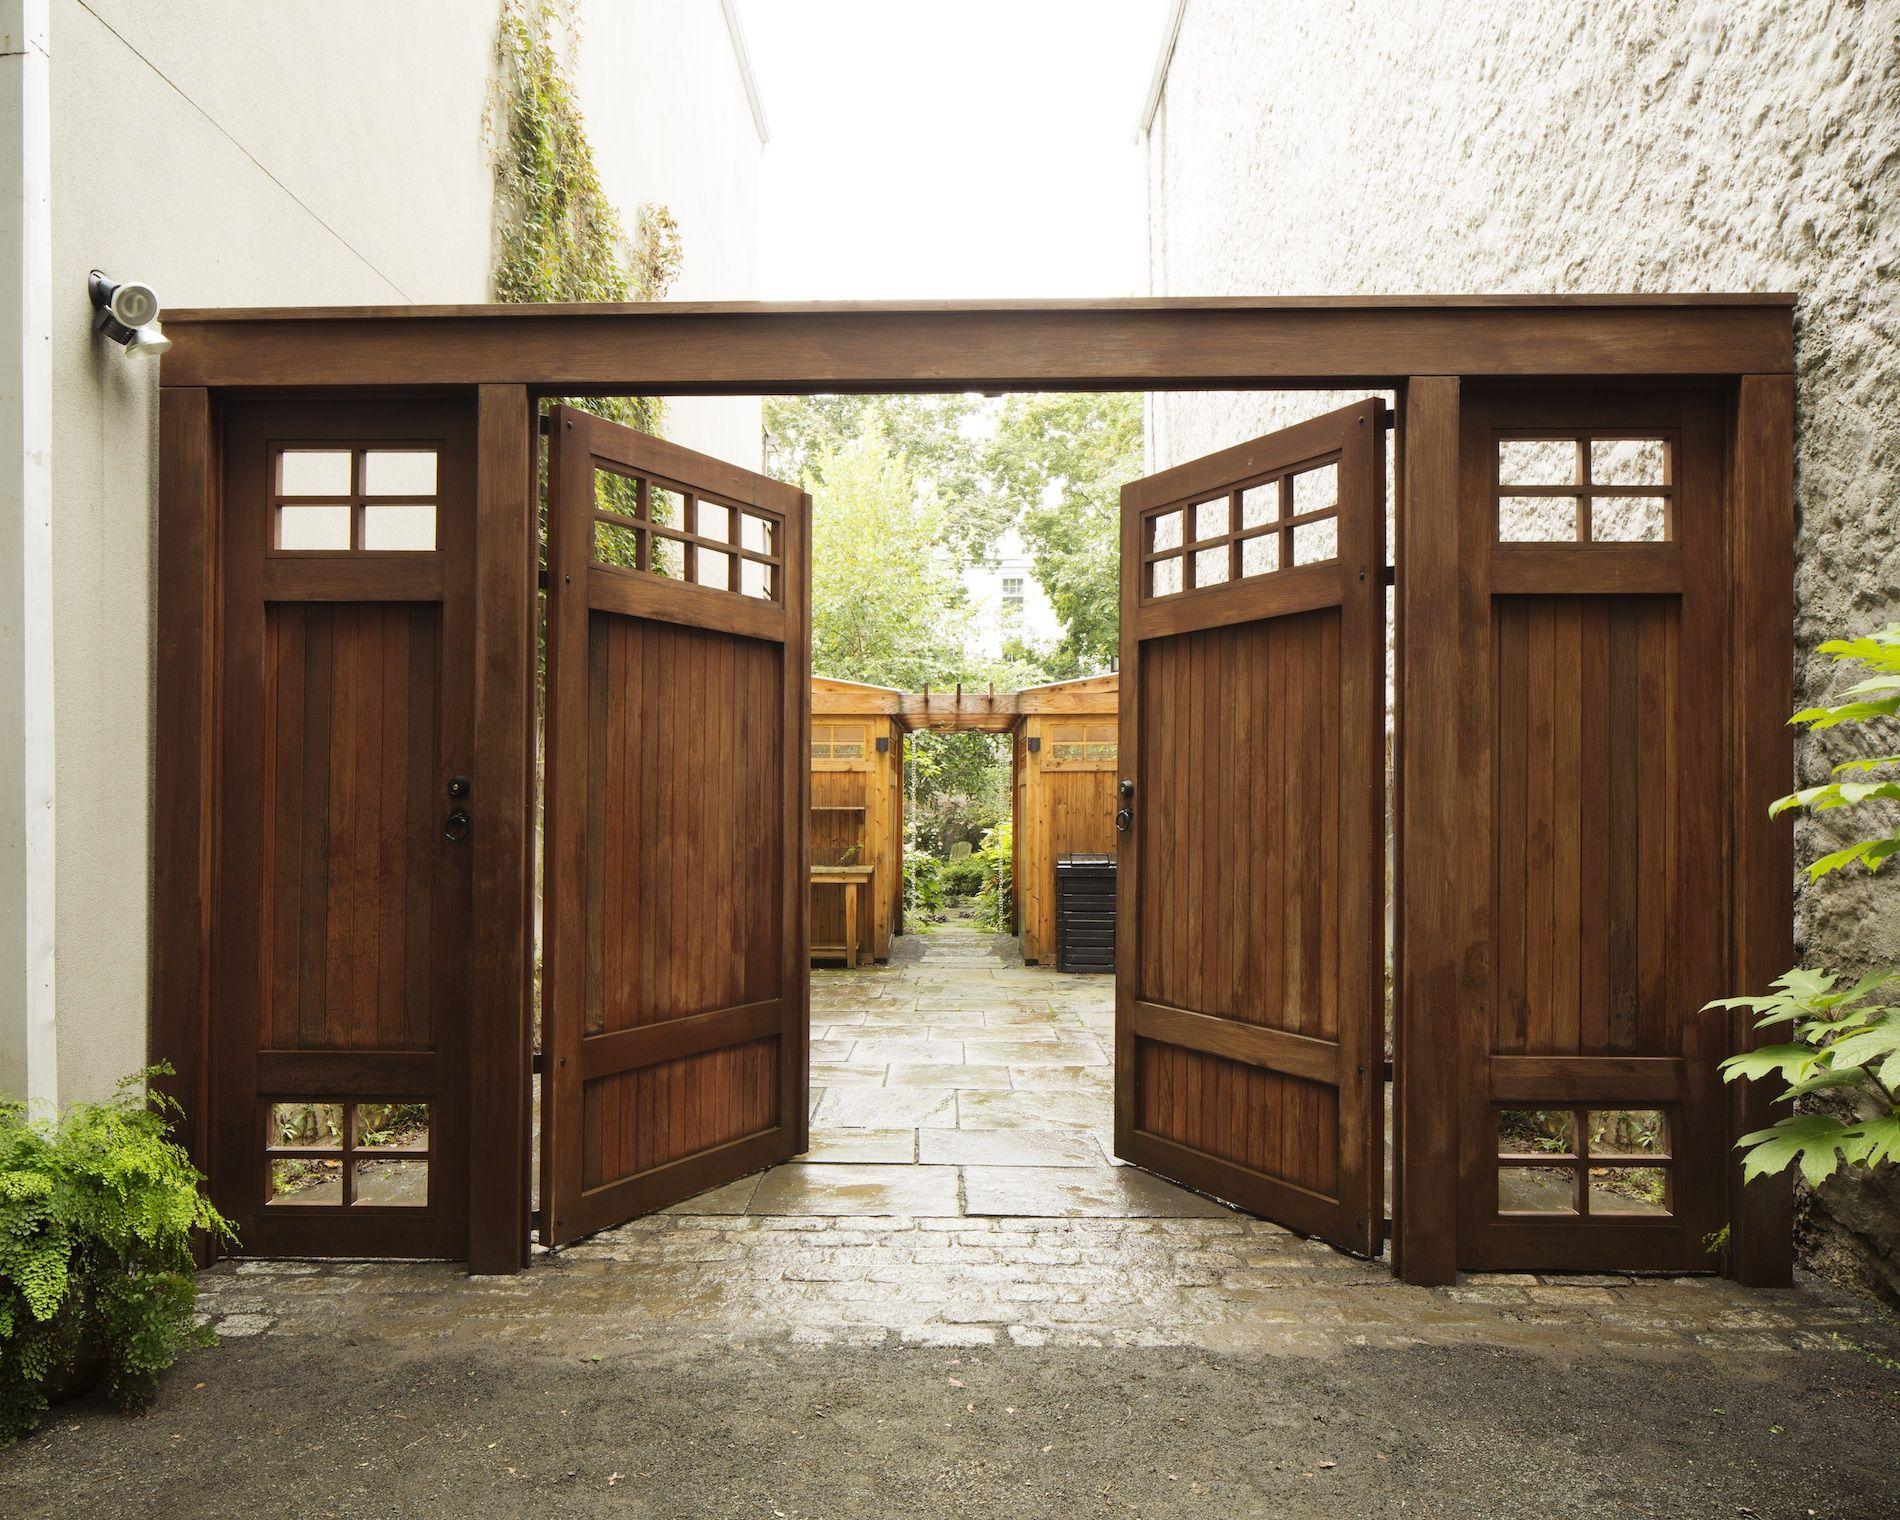 All Gardenista Garden Design Inspiration Stories In One